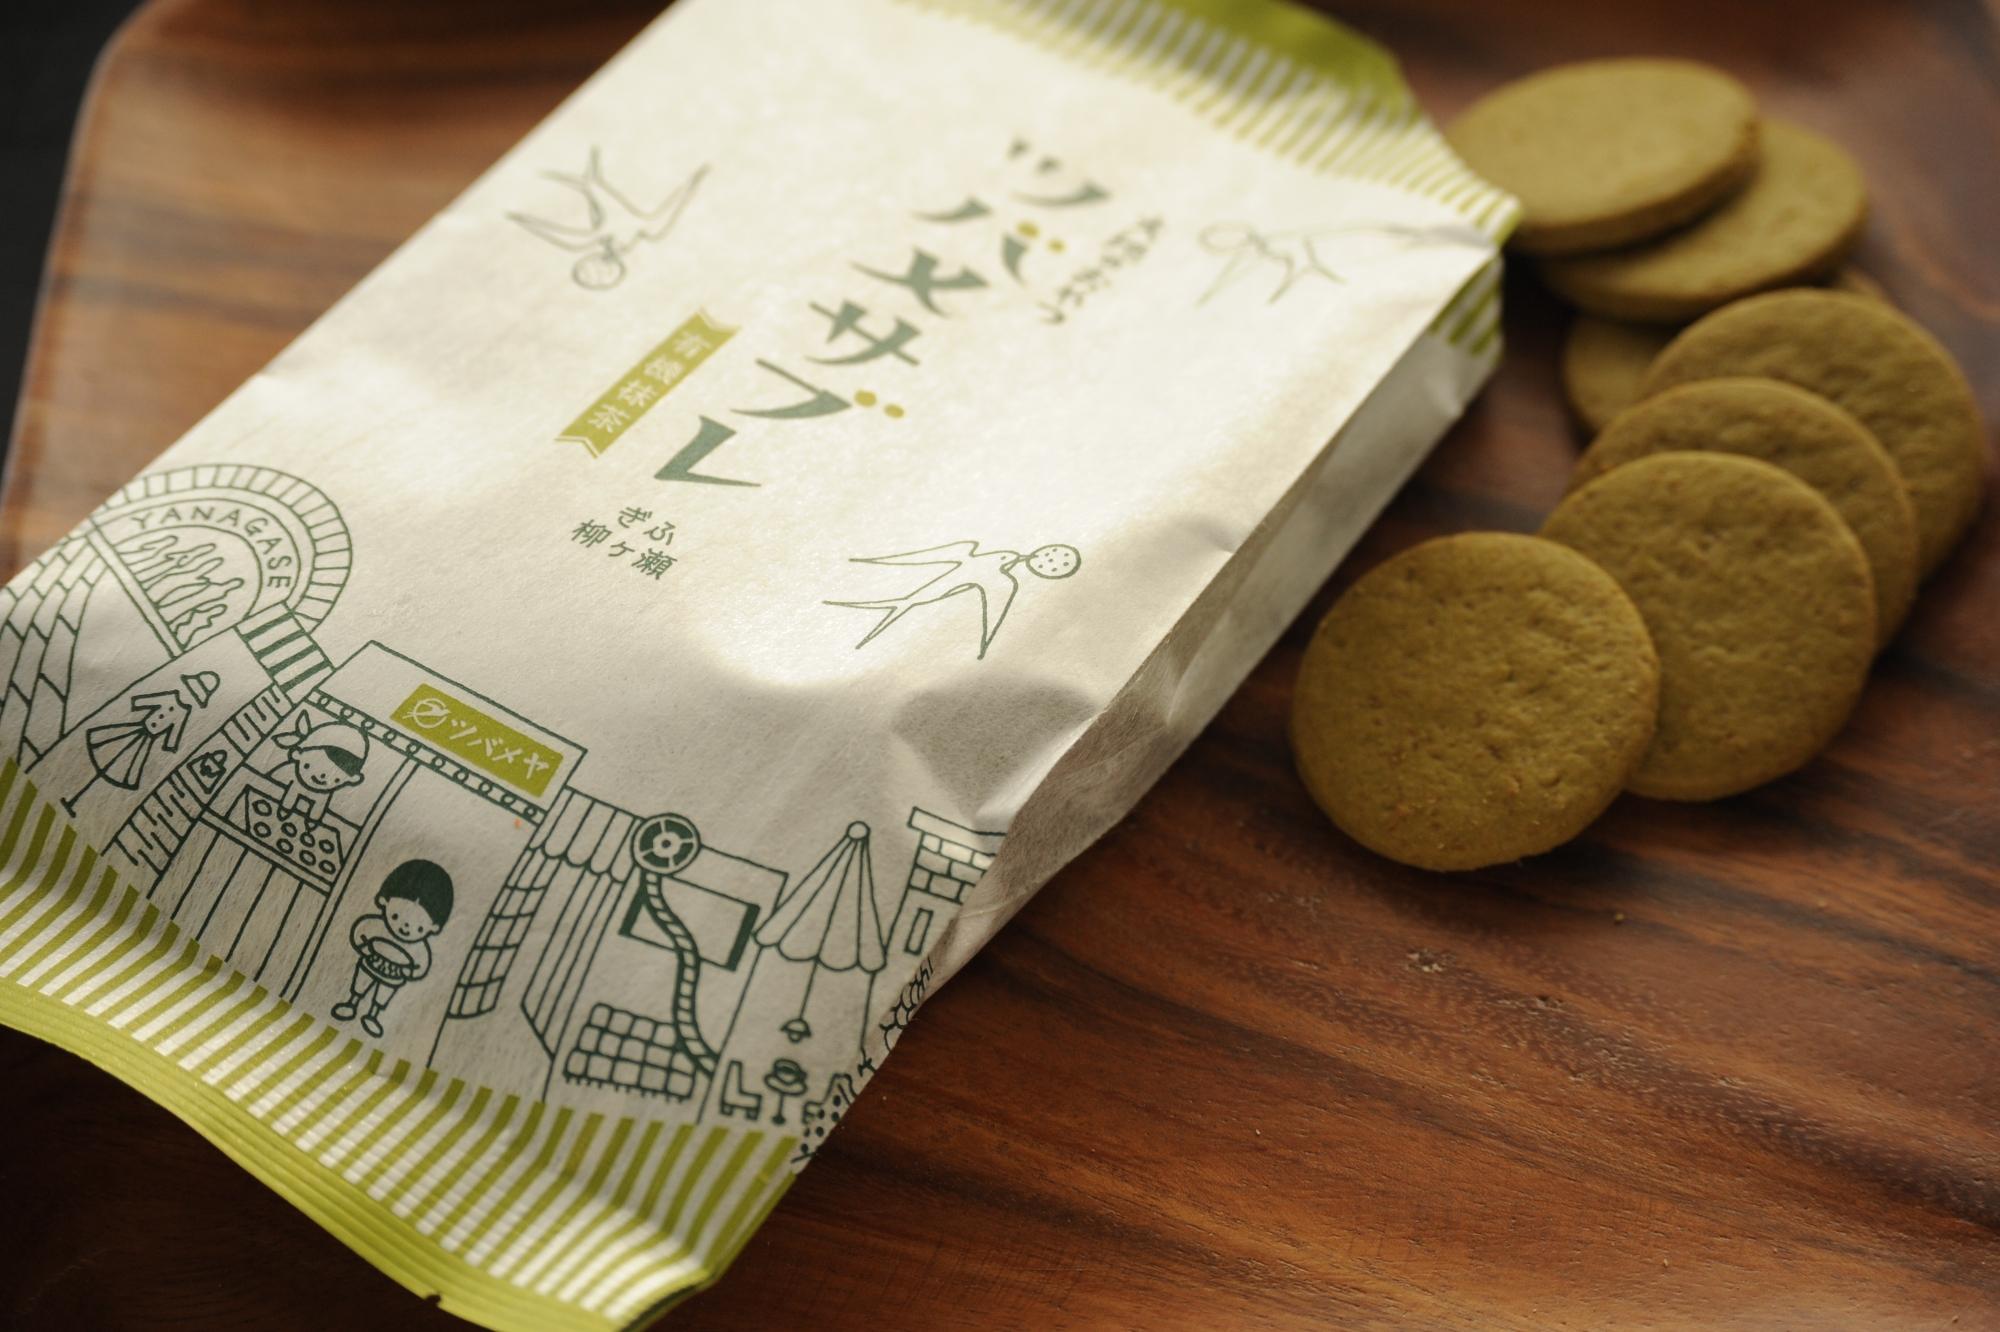 ツバメヤ×まっちん×山本佐太郎商店 大地のおやつ 「ツバメサブレ・有機抹茶」